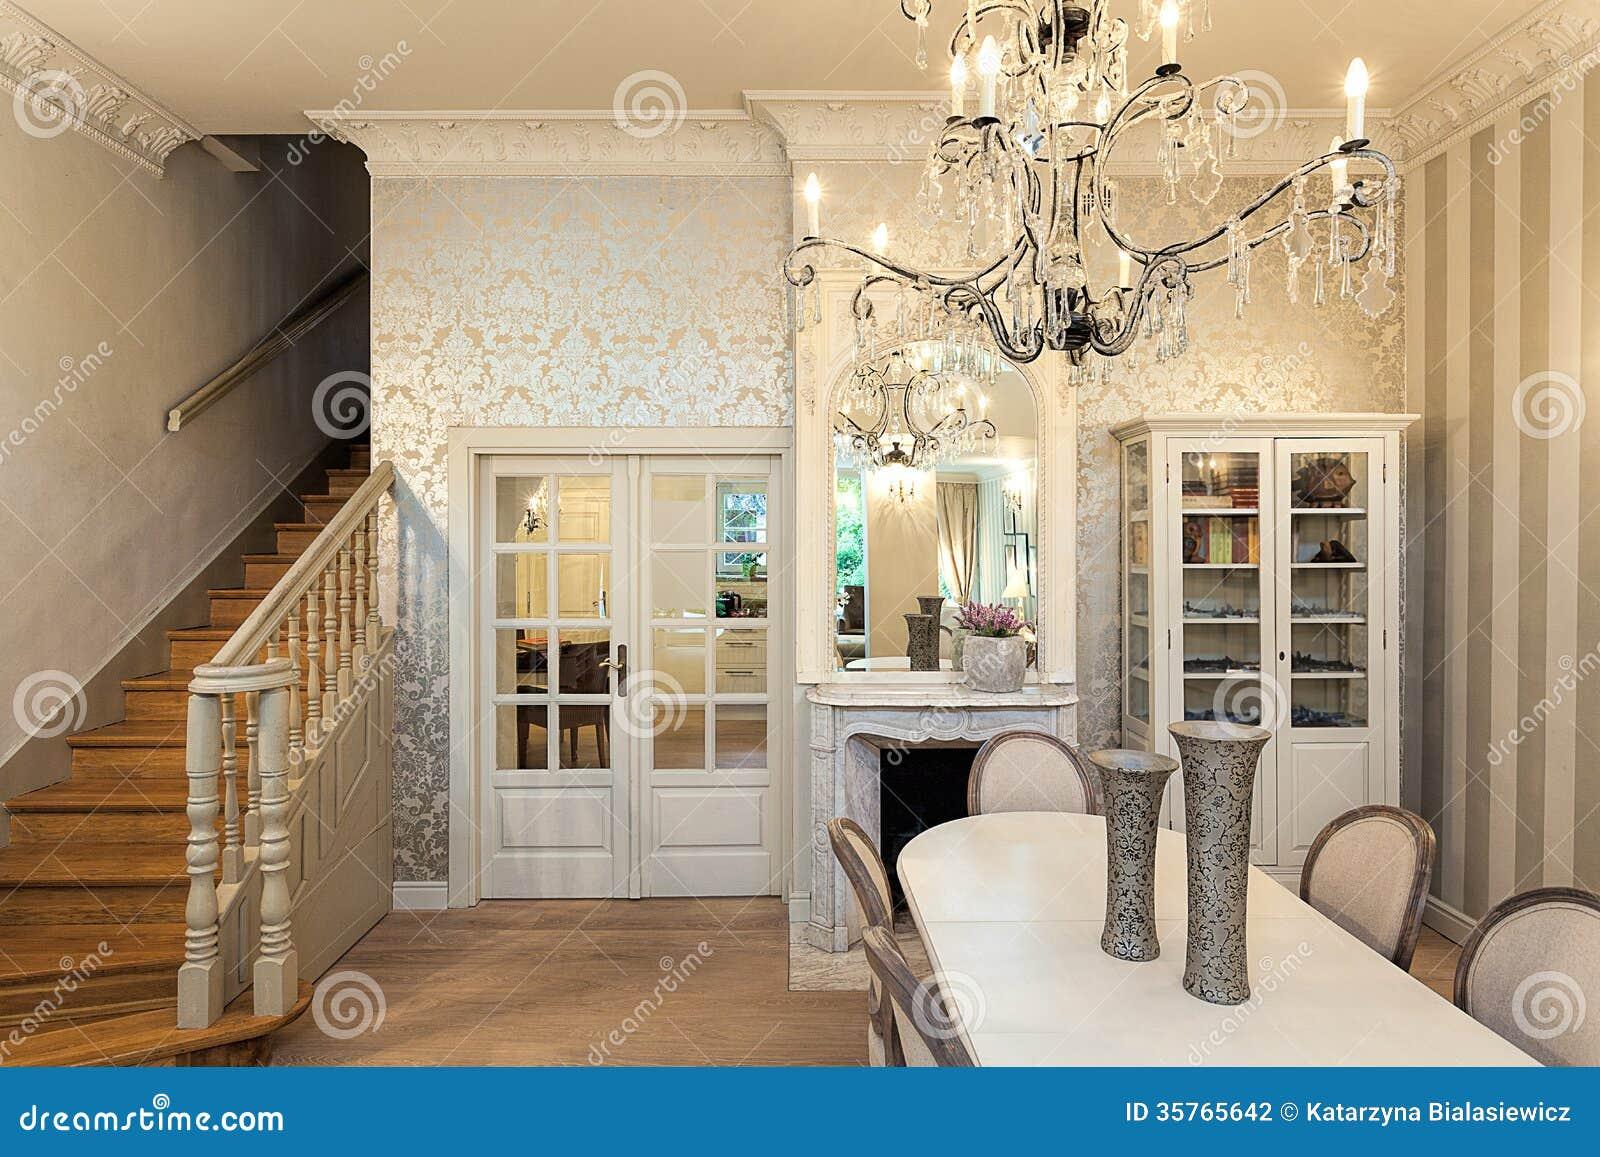 manoir de vintage int rieur luxueux photographie stock image 35765642. Black Bedroom Furniture Sets. Home Design Ideas